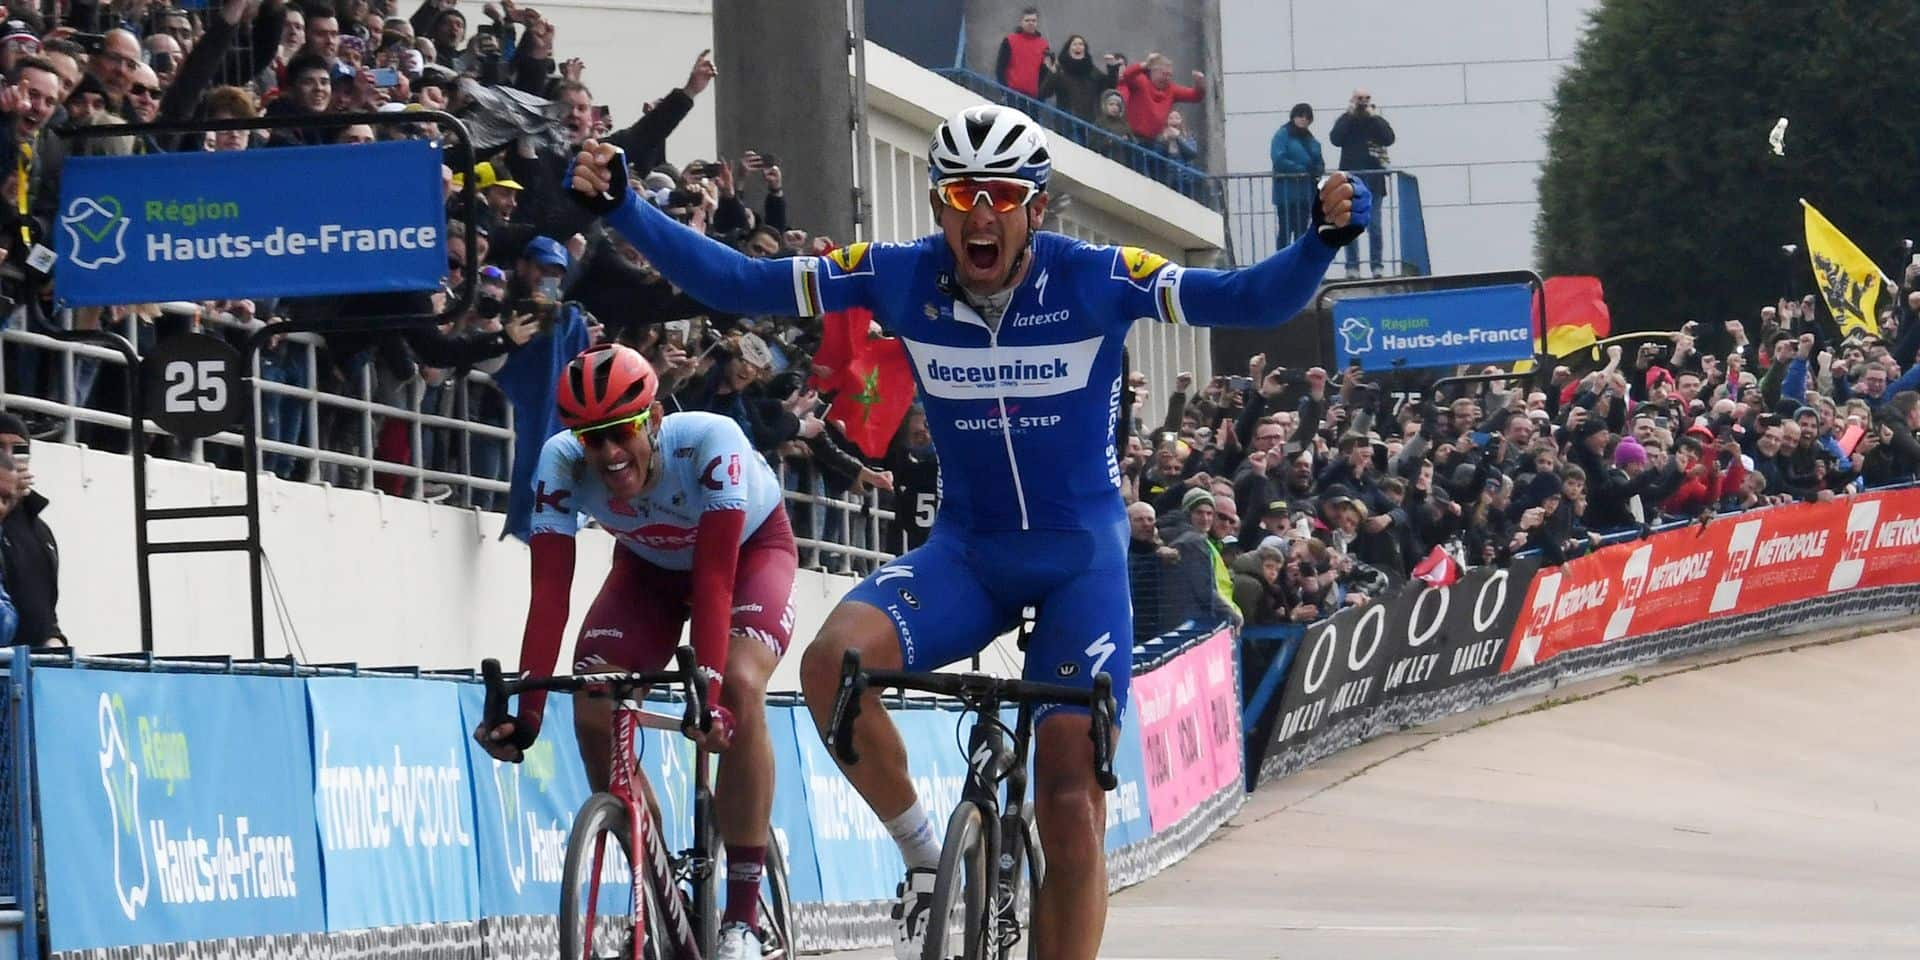 Flèche Wallonne, Liège-Bastogne-Liège, Paris-Roubaix: les trois courses reportées